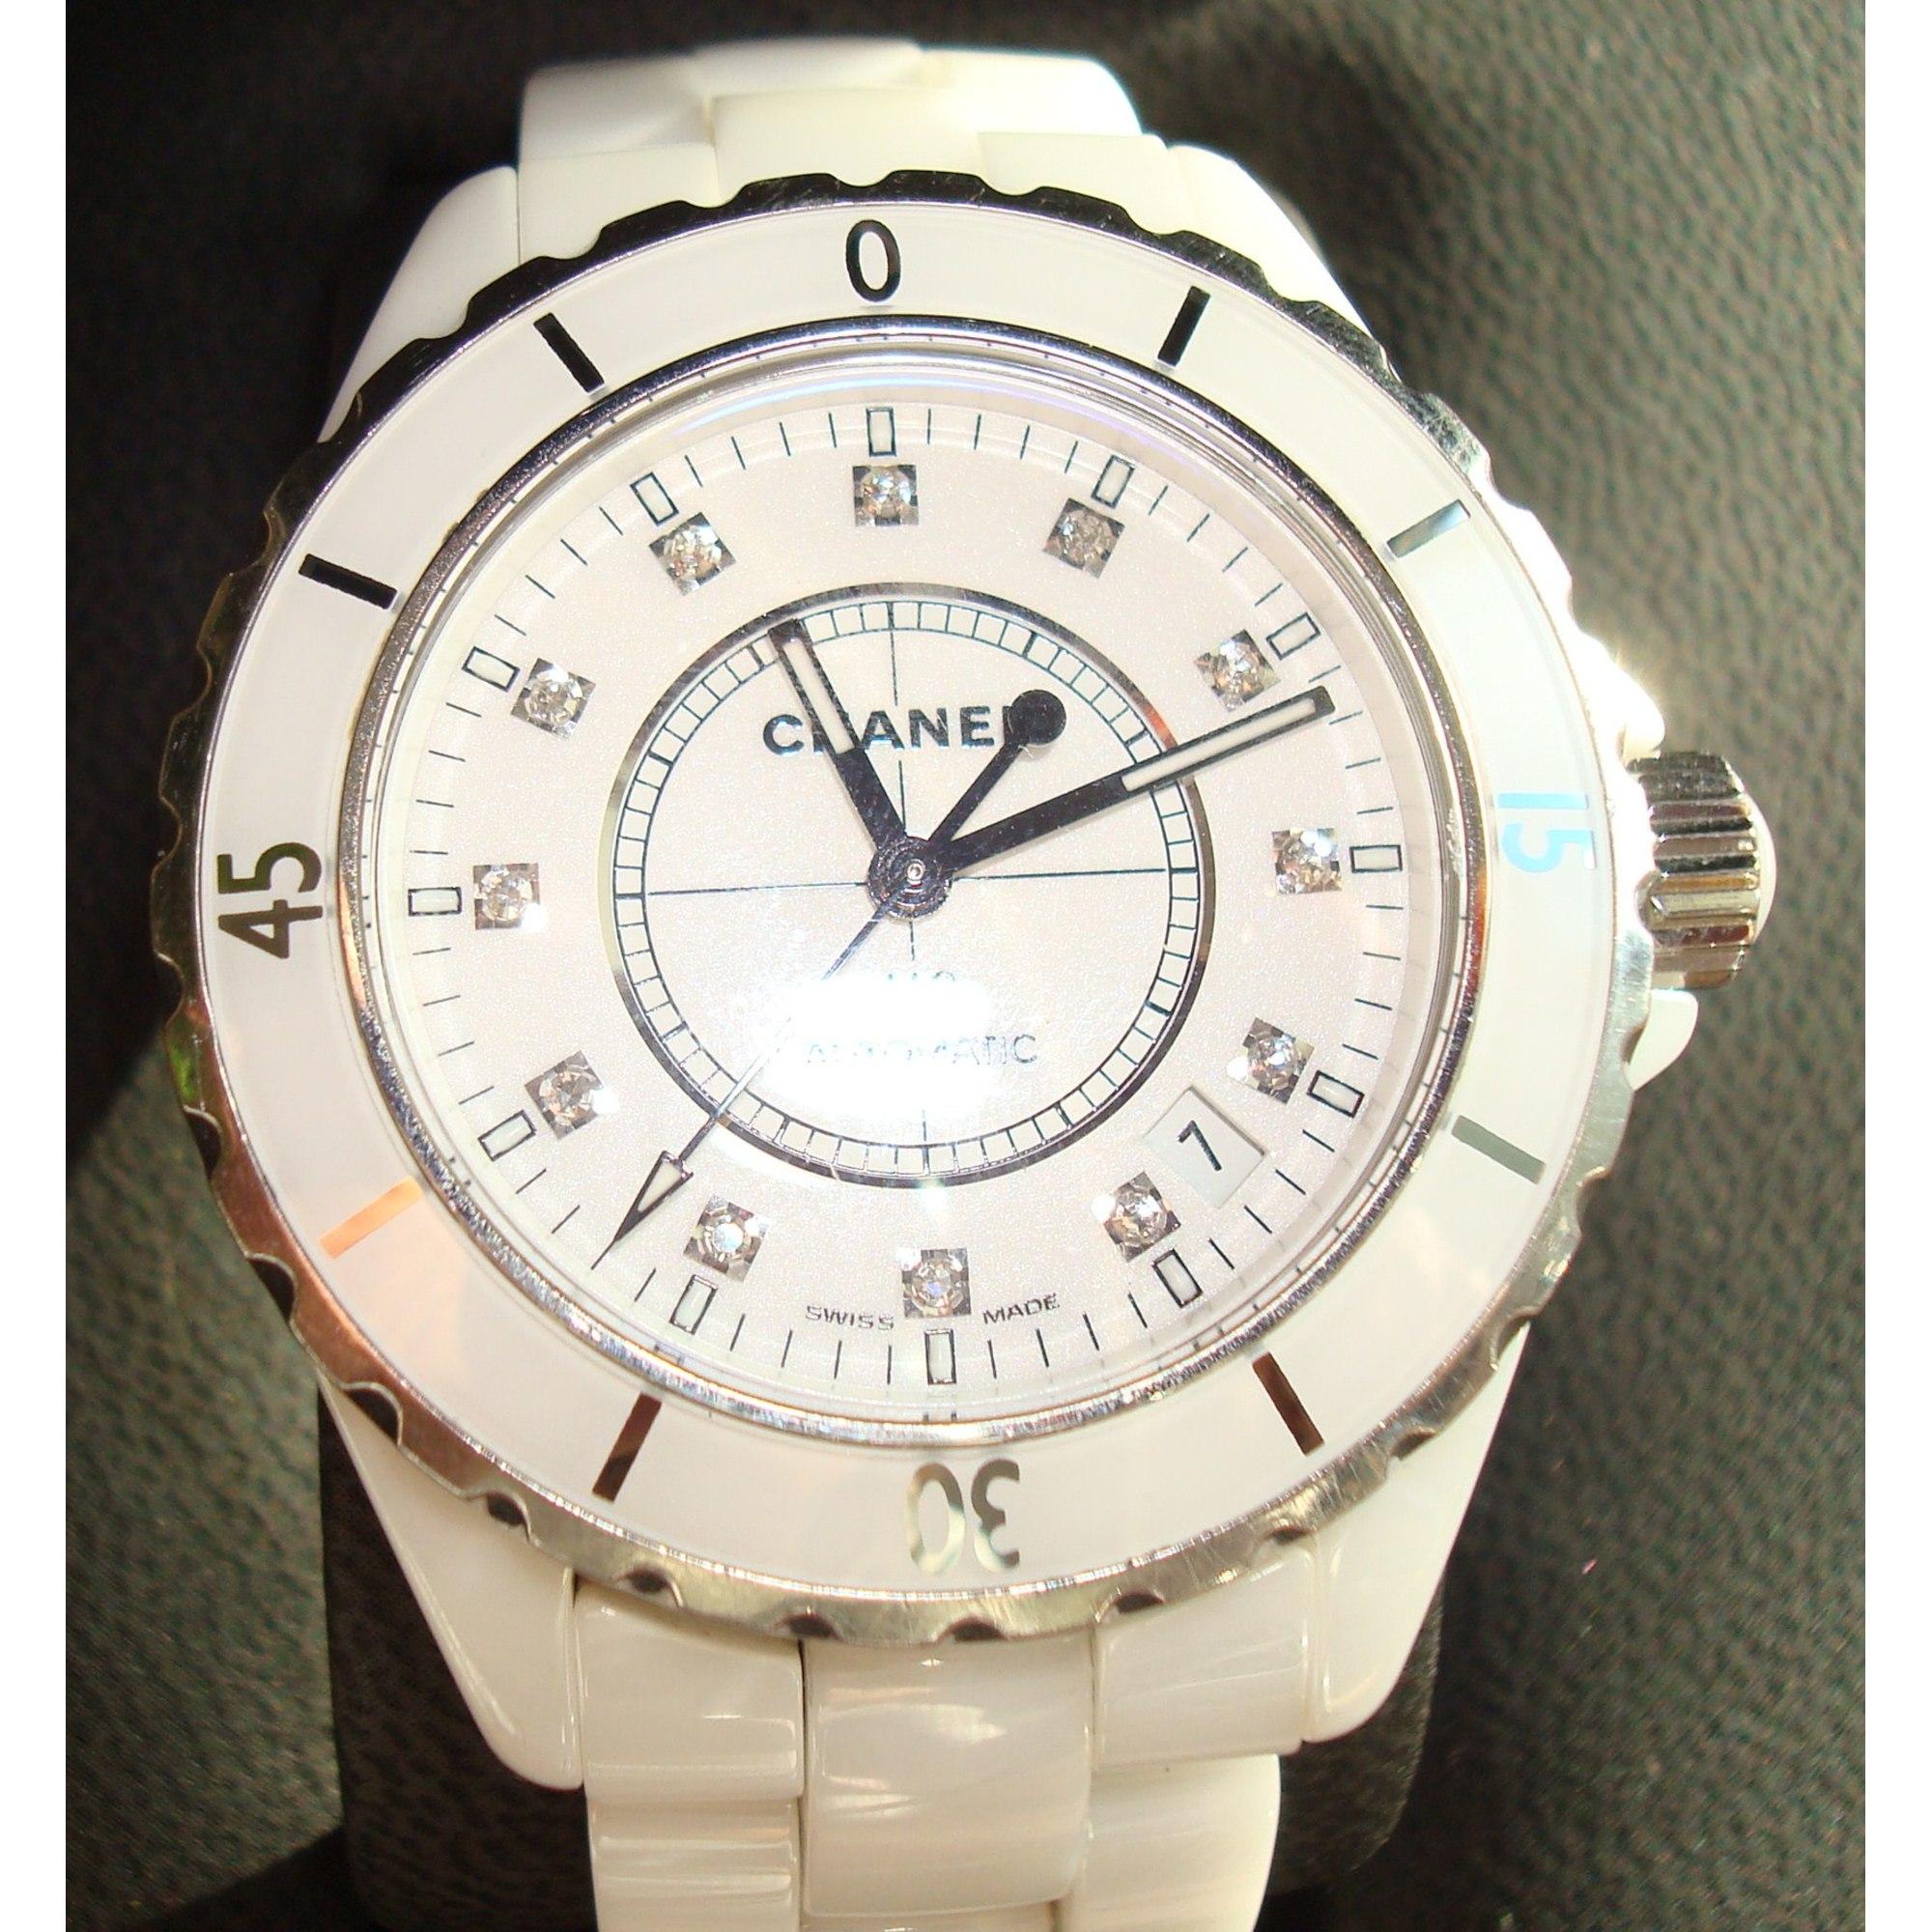 Montre au poignet CHANEL blanc vendu par C est claire - 113618 a14f9a486c67